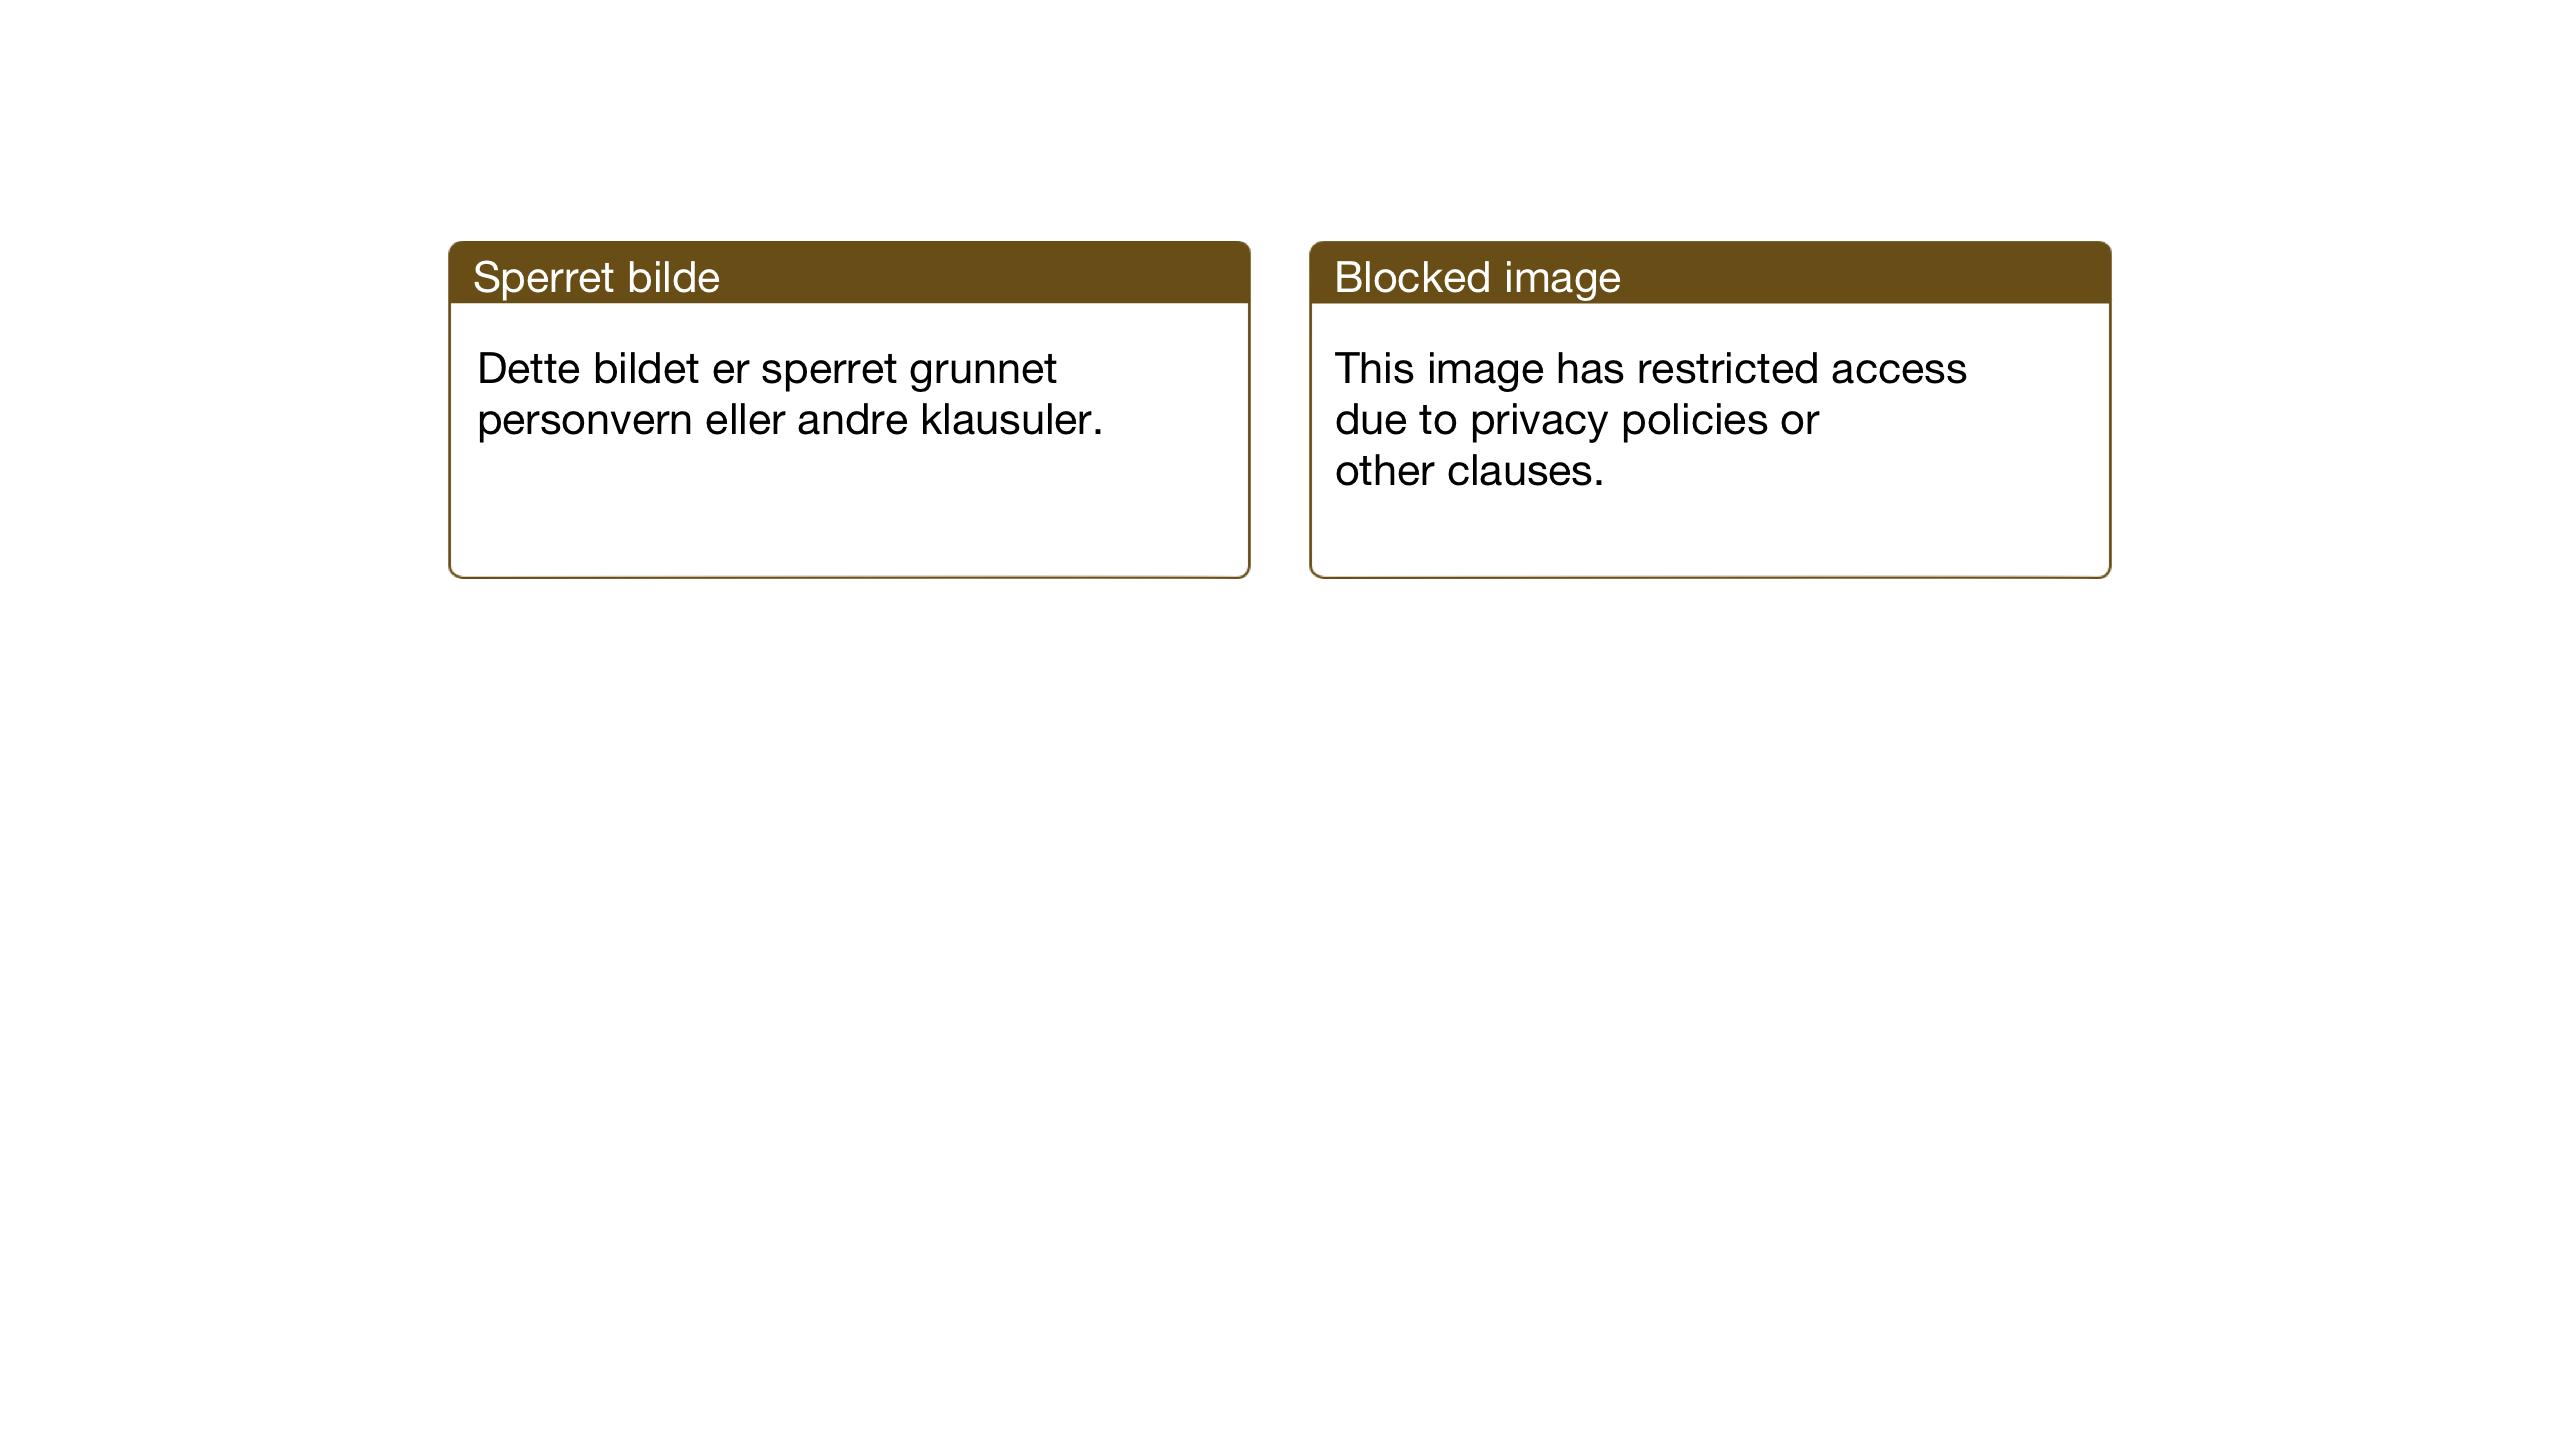 SAT, Ministerialprotokoller, klokkerbøker og fødselsregistre - Sør-Trøndelag, 607/L0327: Klokkerbok nr. 607C01, 1930-1939, s. 110